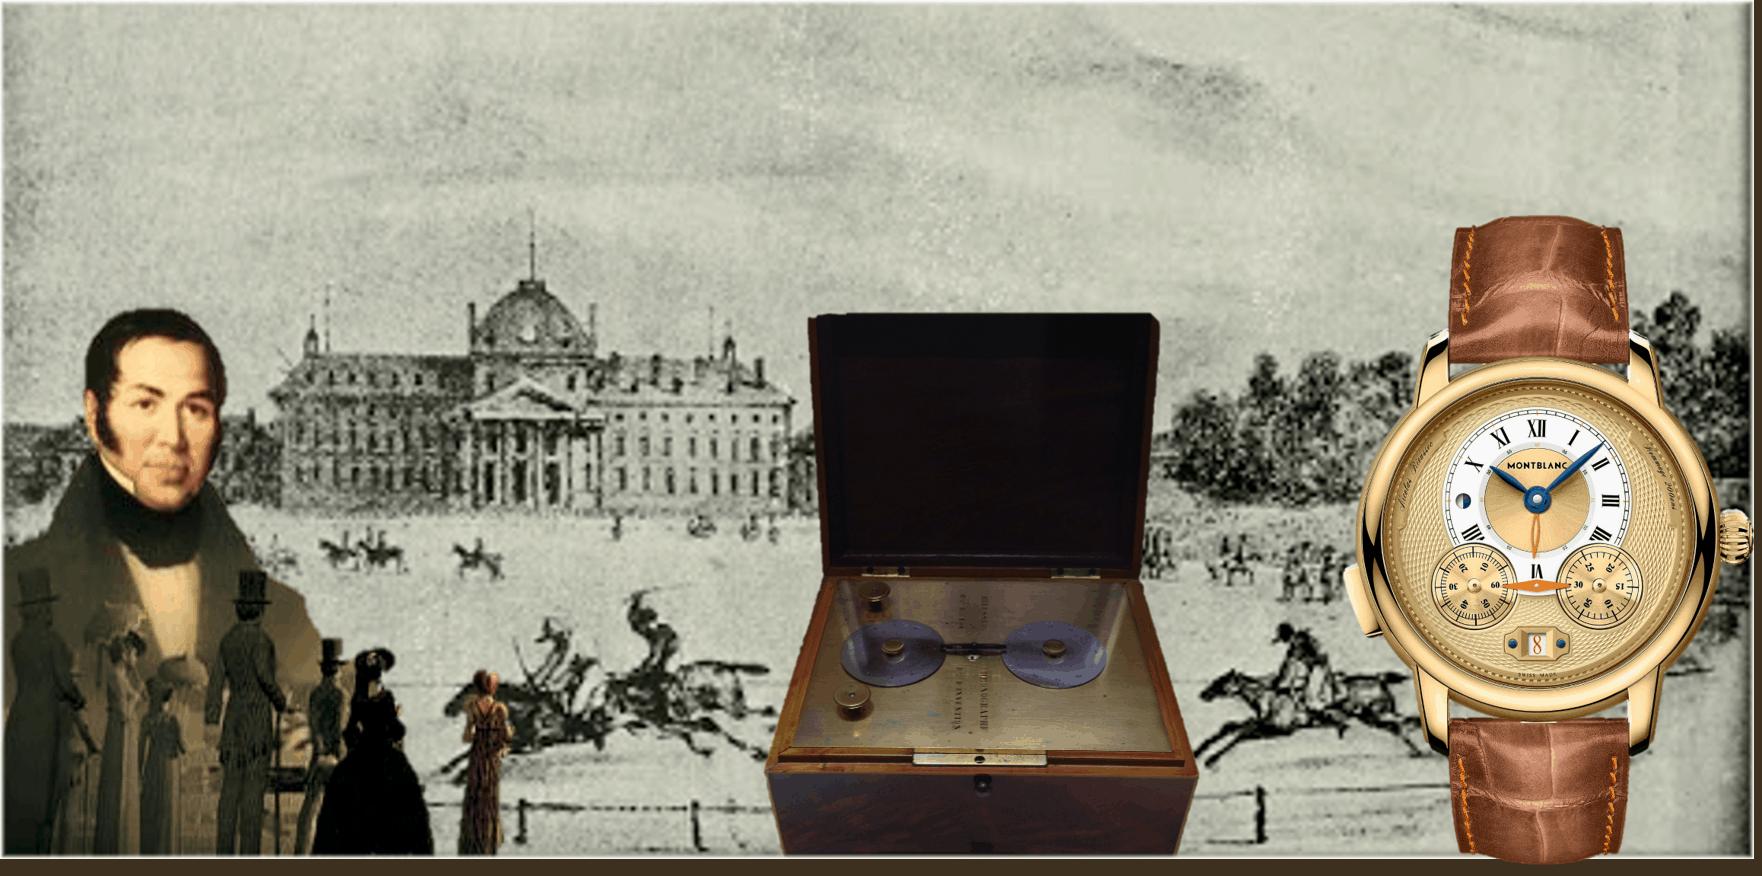 Erfindung des Chronographen im Jahr 1821Nicolas Mathieu Rieussec und die Erfindung des Chronographen